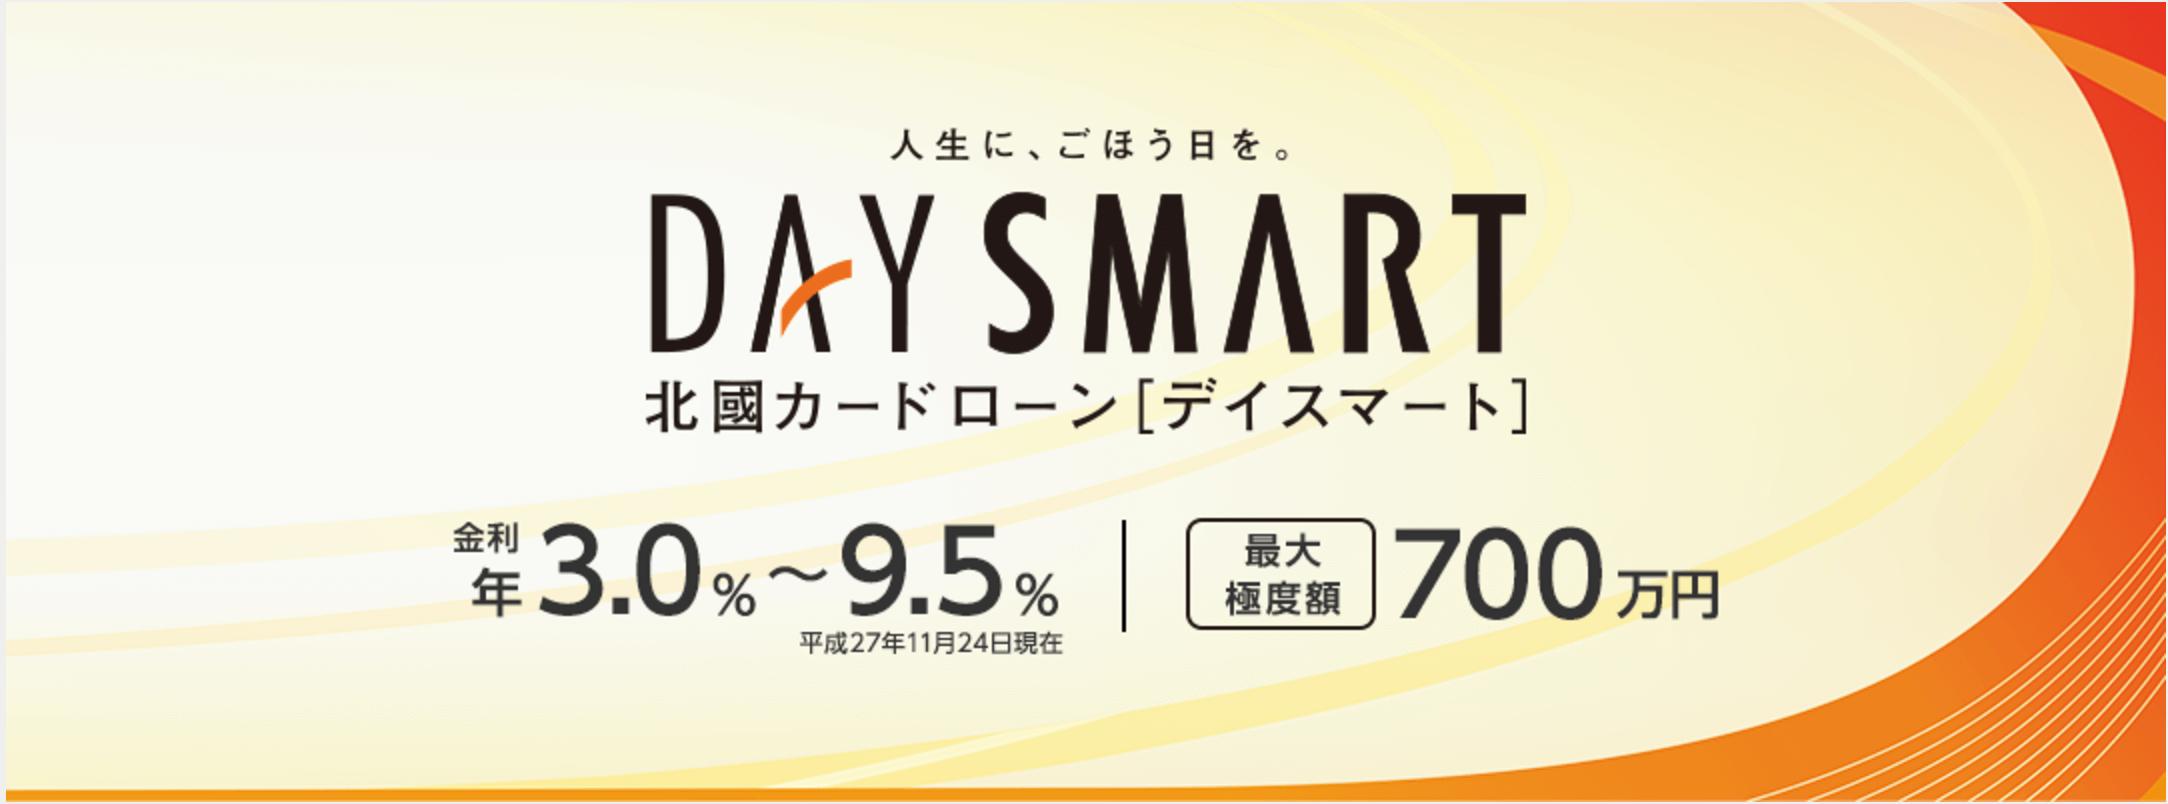 DAY SMART(デイ スマート)のイメージ